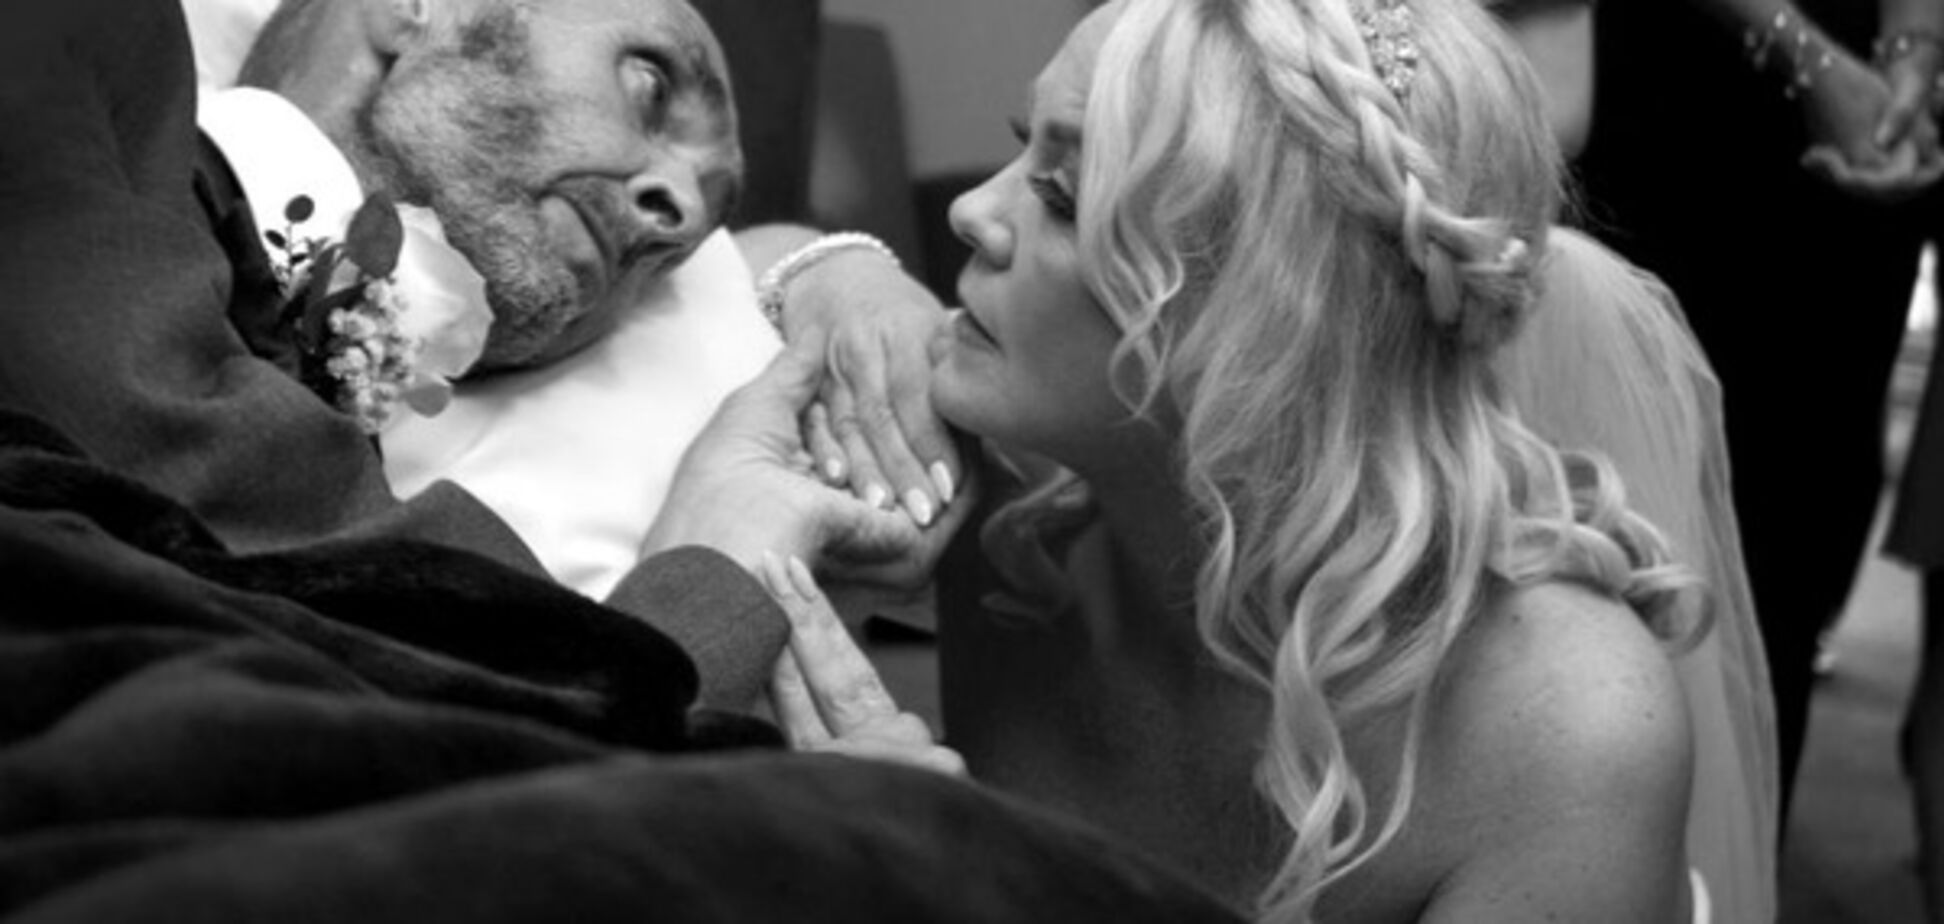 Пожениться и умереть: история больного раком мужчины растрогала Британию